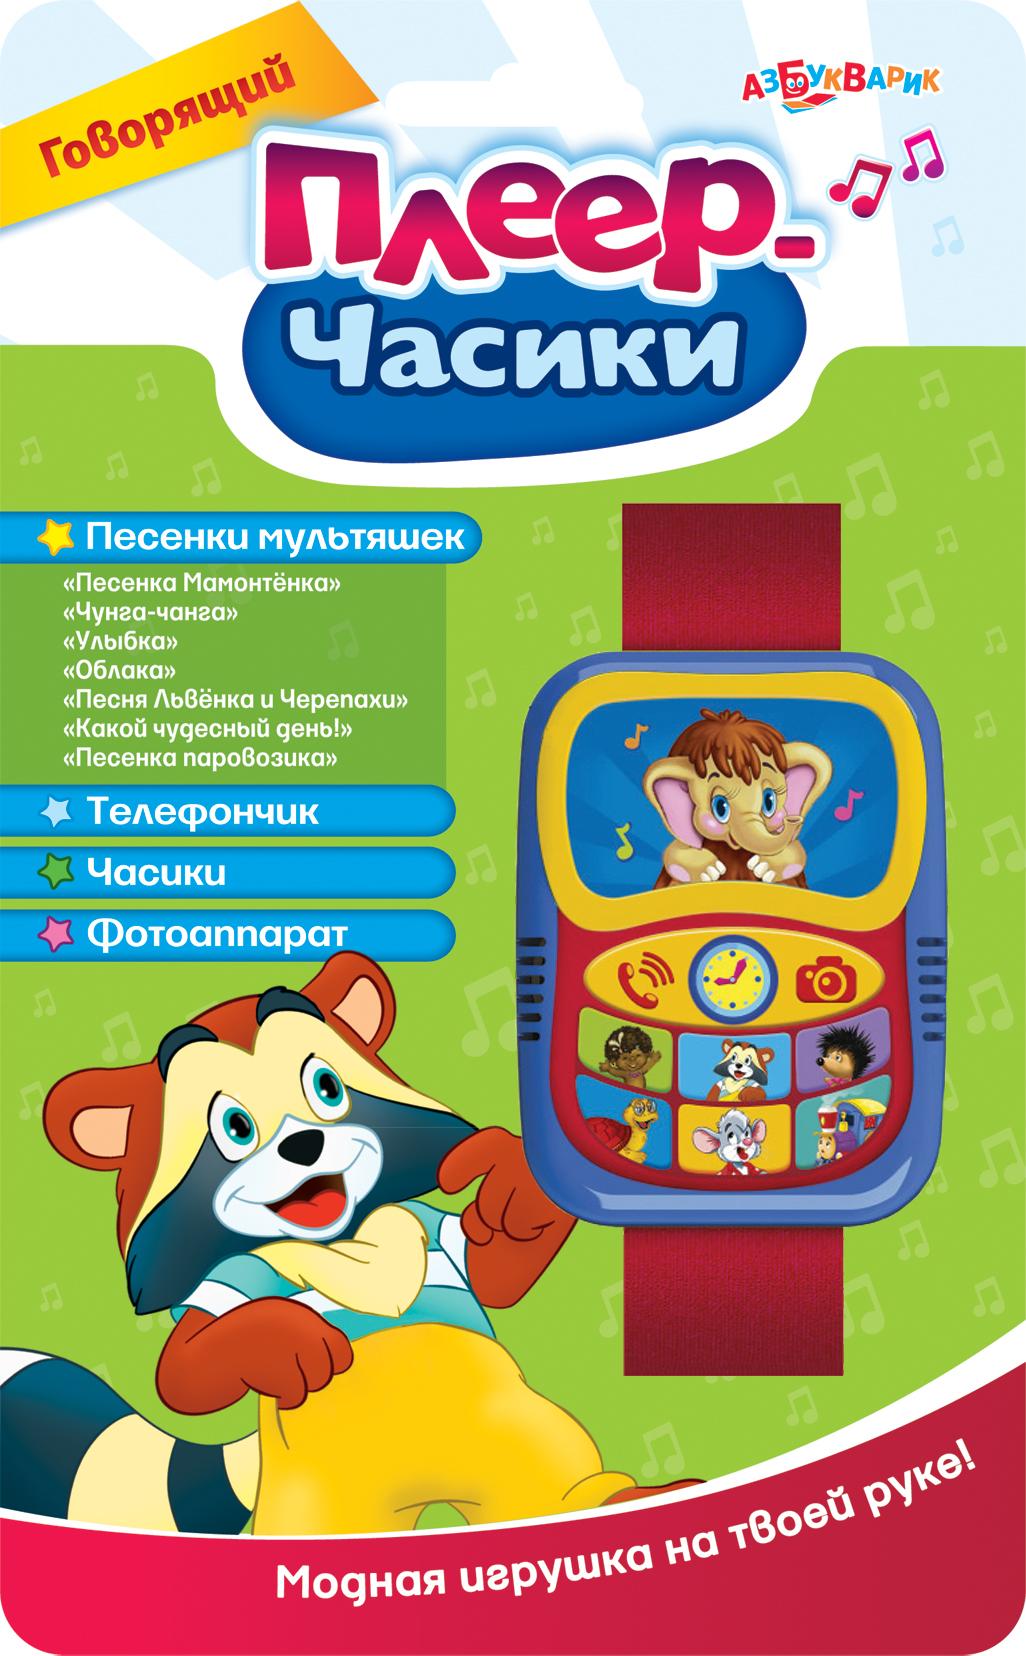 Интерактивная игрушка «Говорящий плеер-часики»Детские часы<br>Интерактивная игрушка «Говорящий плеер-часики»<br>